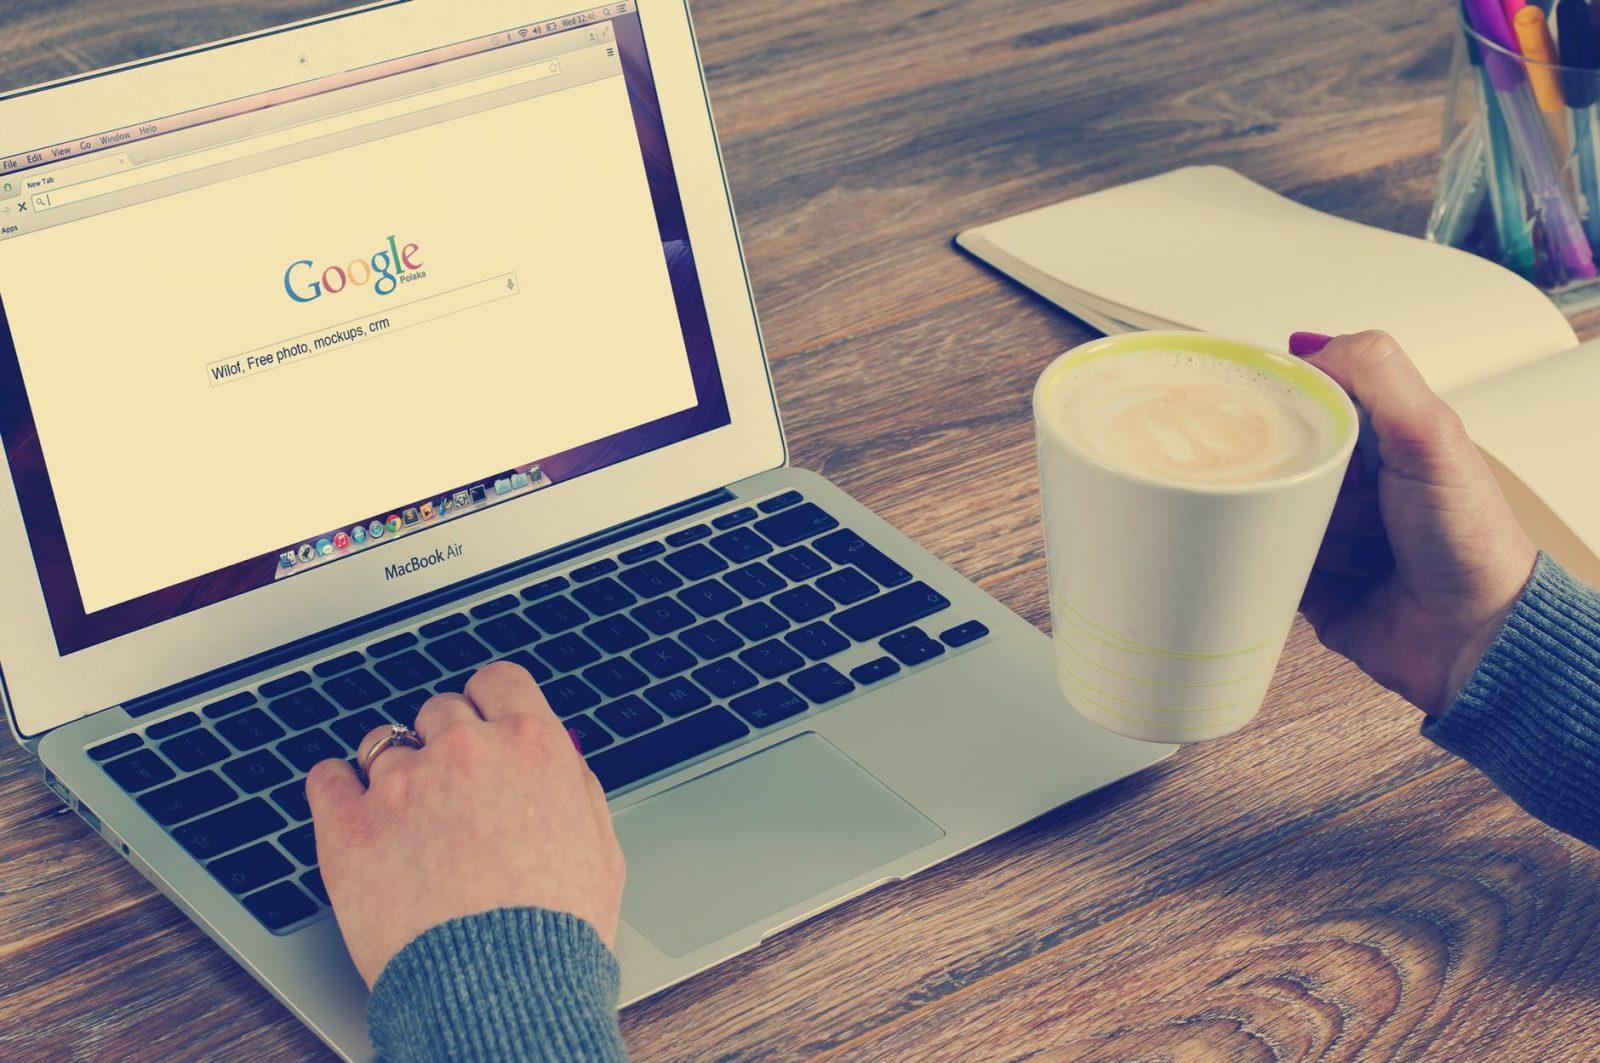 להרוויח כסף מגוגל (google) שוב ושוב